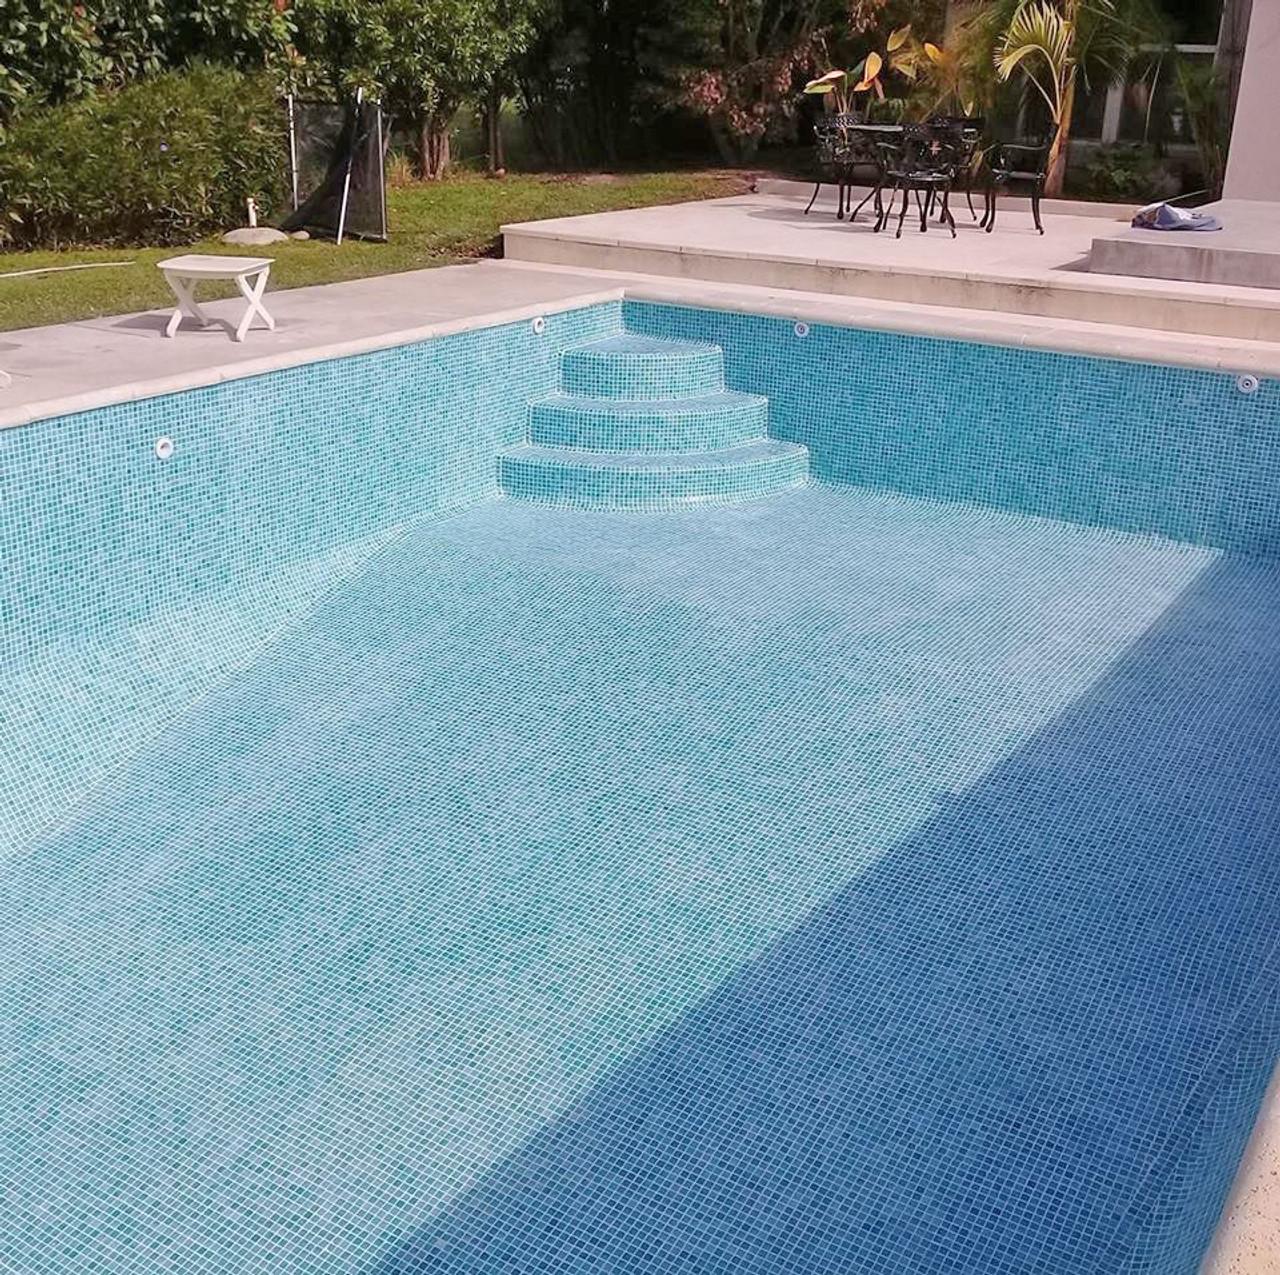 islamorada seafoam green 1x1 pool tile